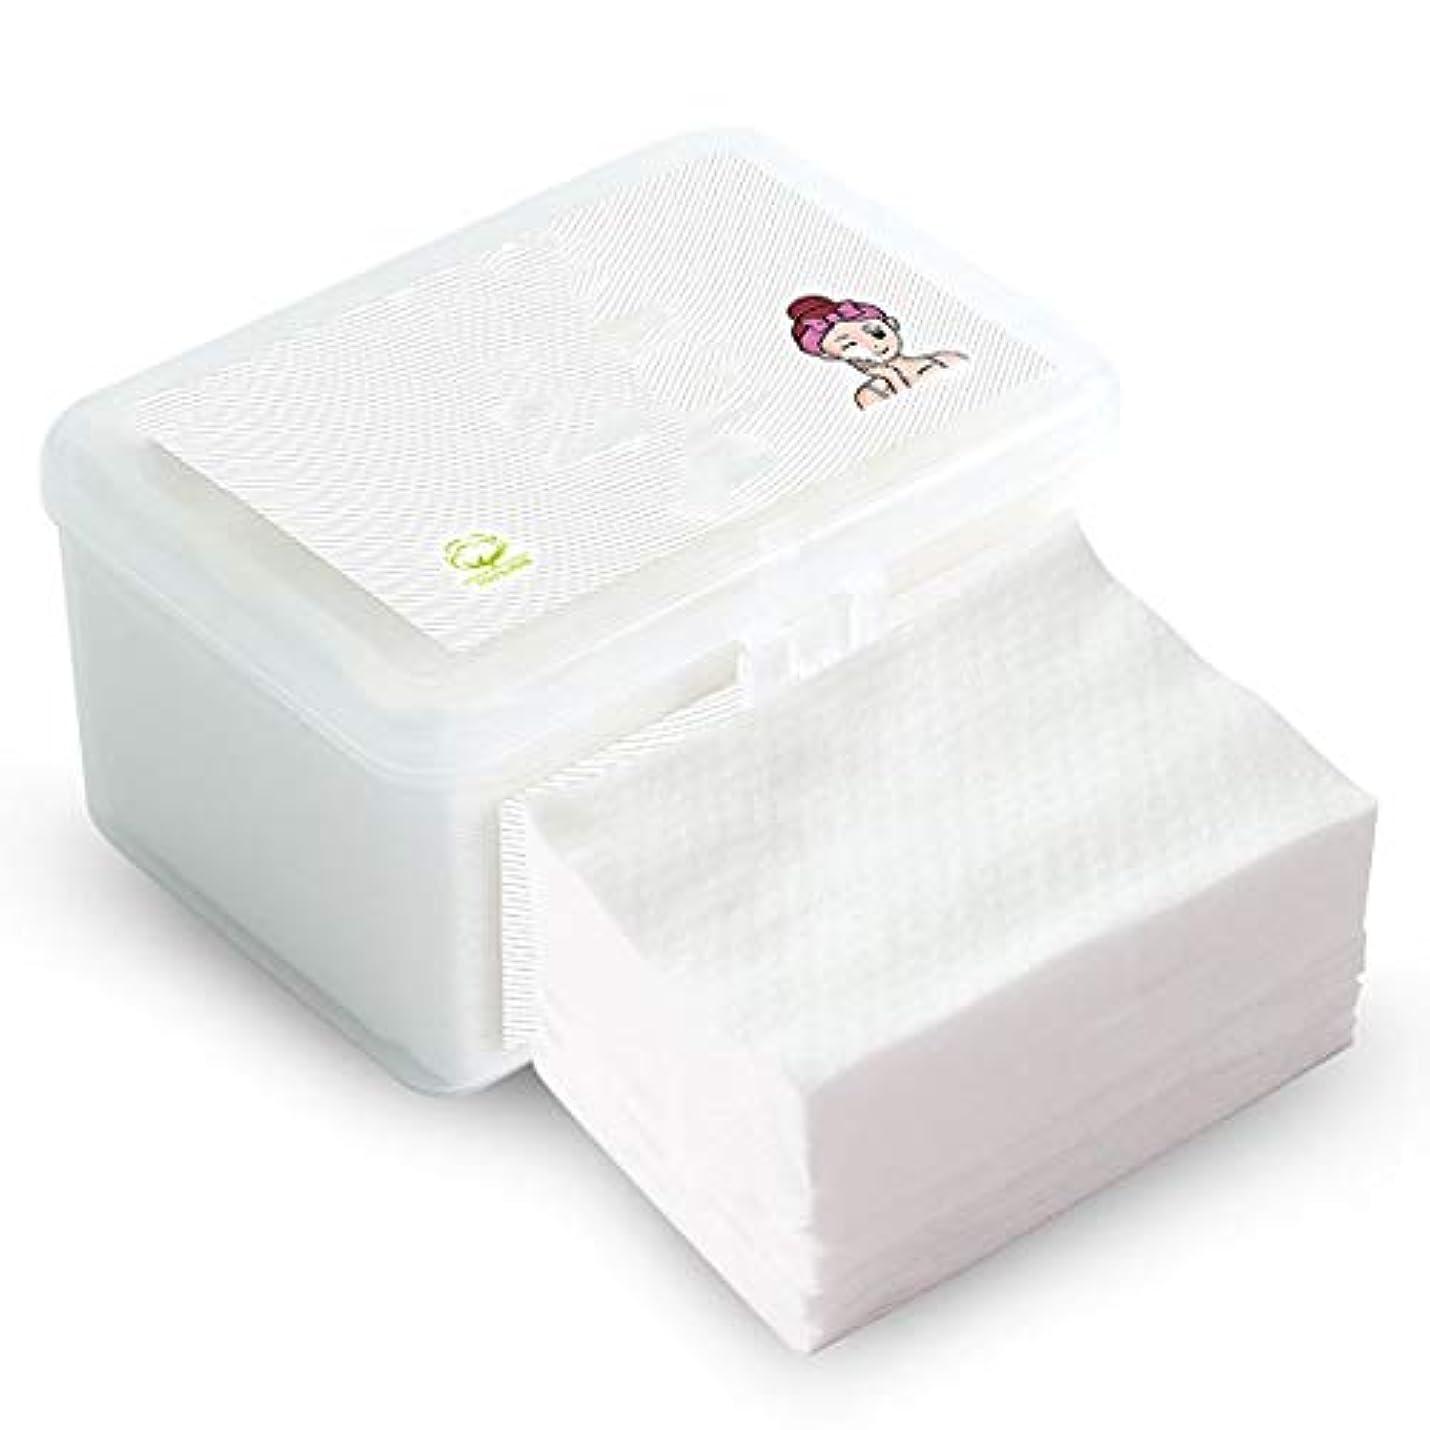 導入するジム生き残りメイク落としクロスマジックタオル、再使用可能な洗顔タオル - 化学薬品を含まず、水だけでメイクをすぐに落とす(4PCS)